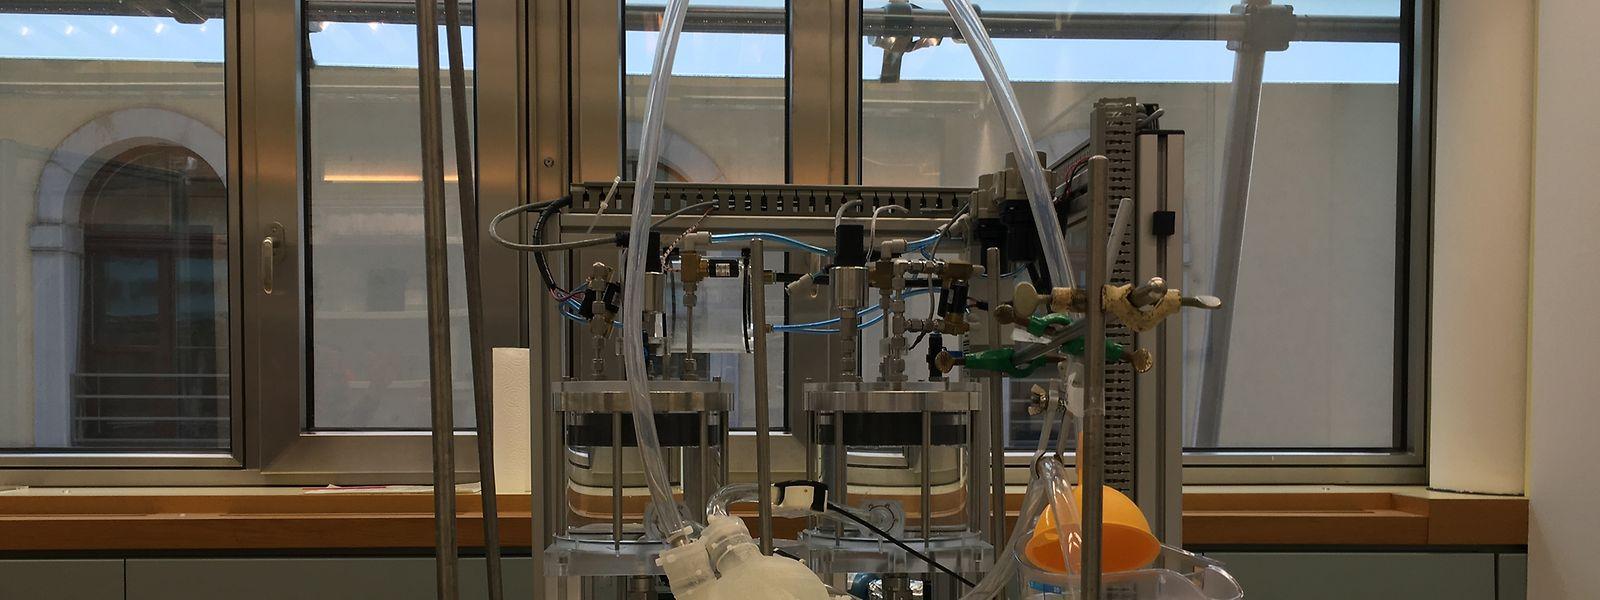 Die Belastbarkeit des Silikonherzens wird mit einer Maschine getestet, die den menschlichen Kreislauf nahezu perfekt simulieren kann.